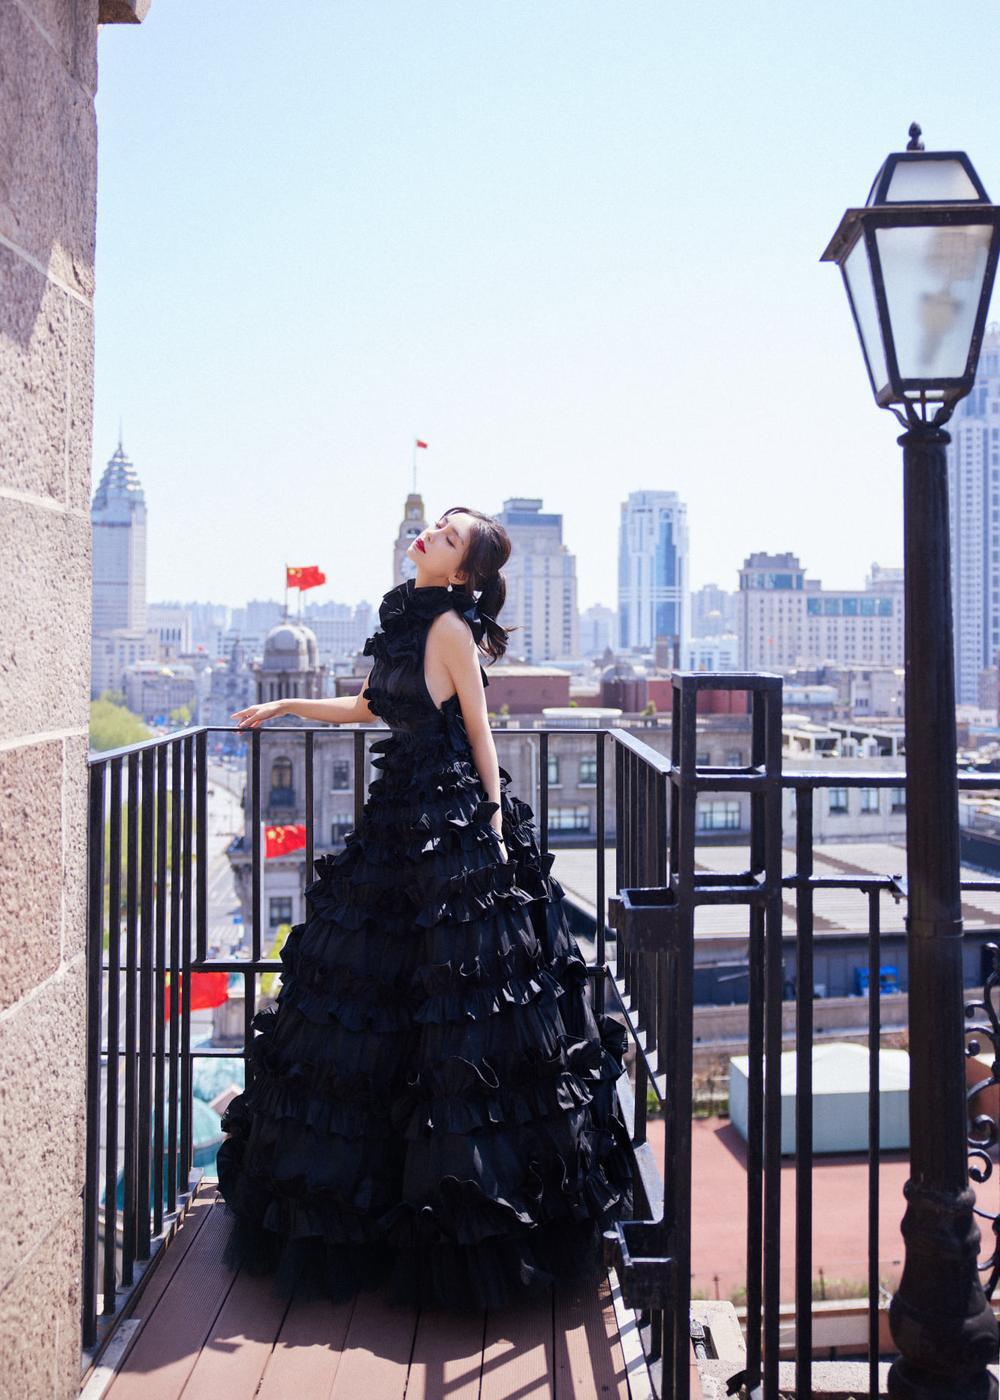 Khó lòng cưỡng nổi sức hút từ Angelababy khi diện váy lộng lẫy như thiên nga Ảnh 4